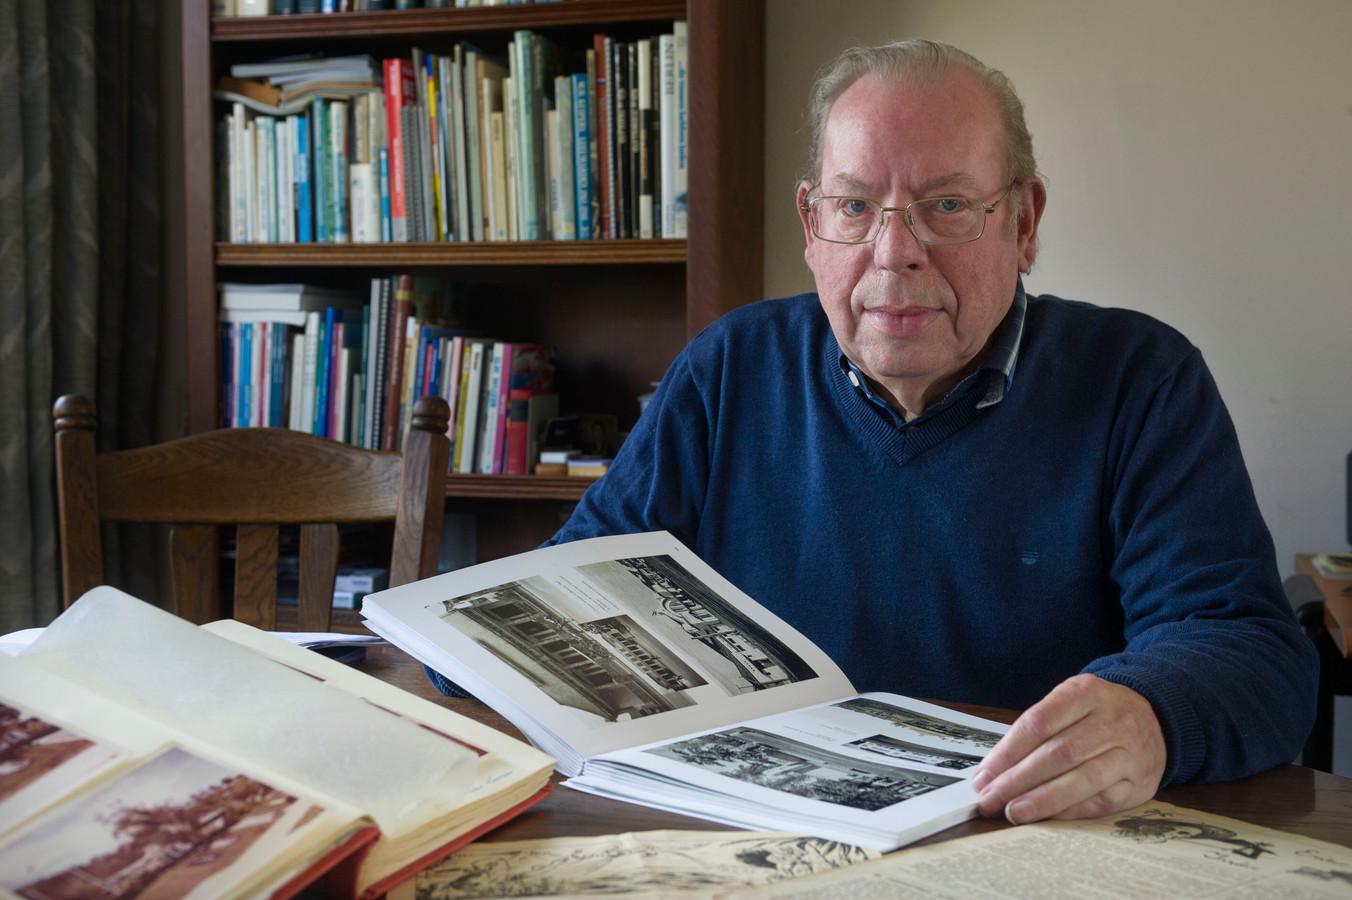 """Johan Altena: """"Mijn interesse in de historie heeft altijd de overhand. Ik vind het geweldig om de geschiedenis van Enter nauwkeurig te kunnen beschrijven."""""""